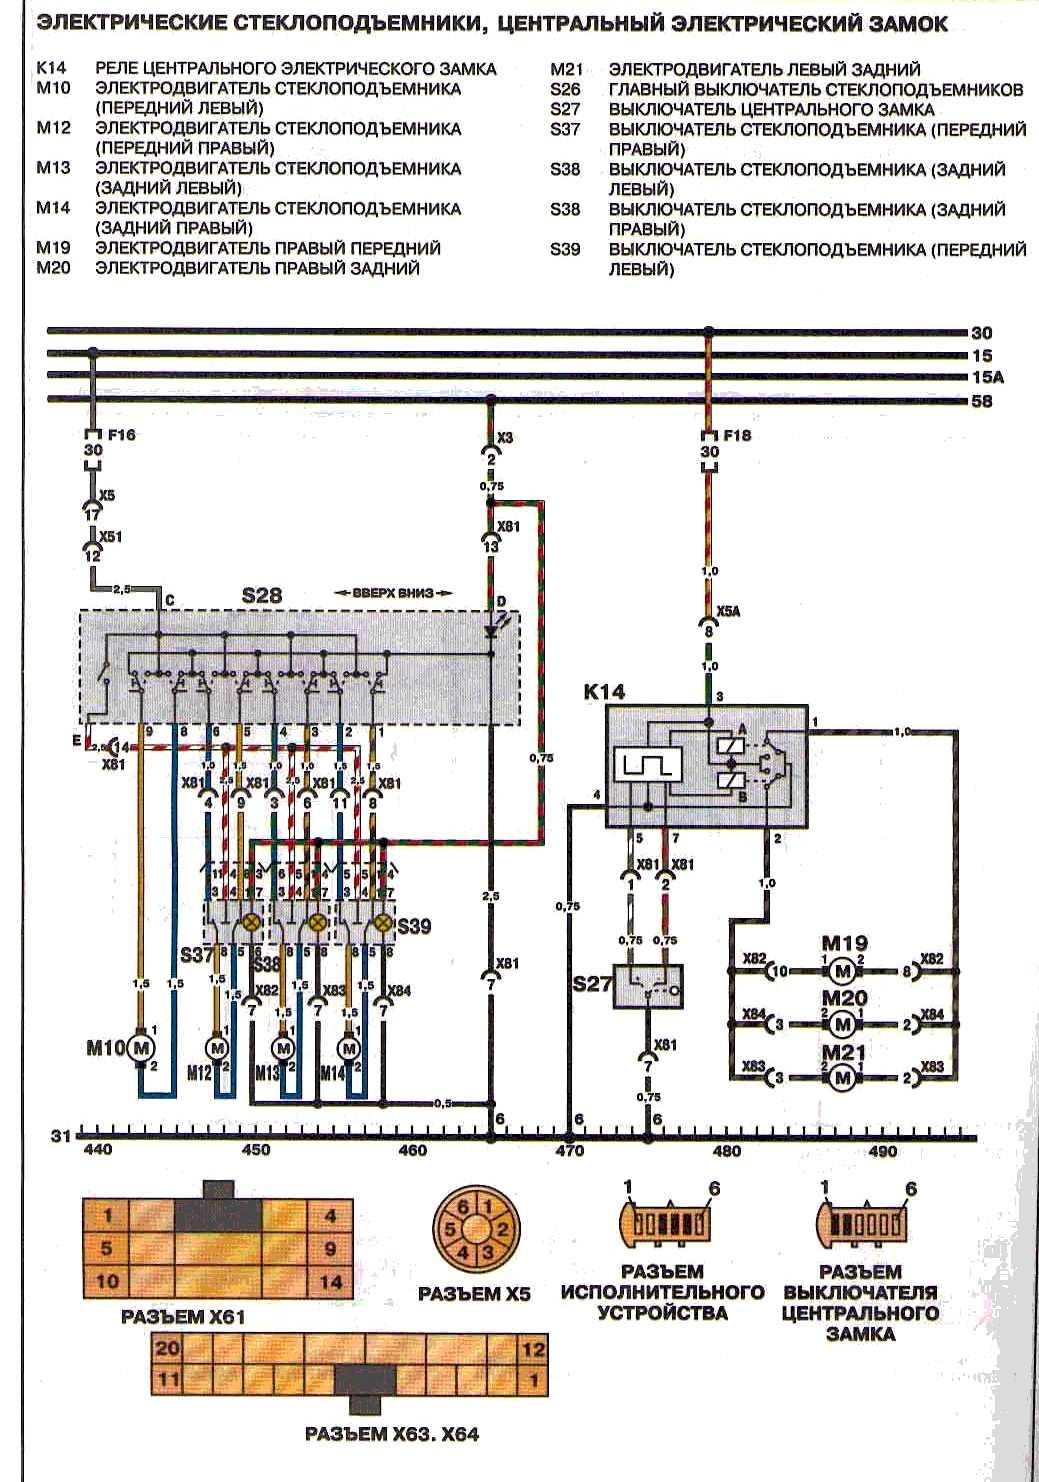 принципиальная схема инфразвукового мультивибратора